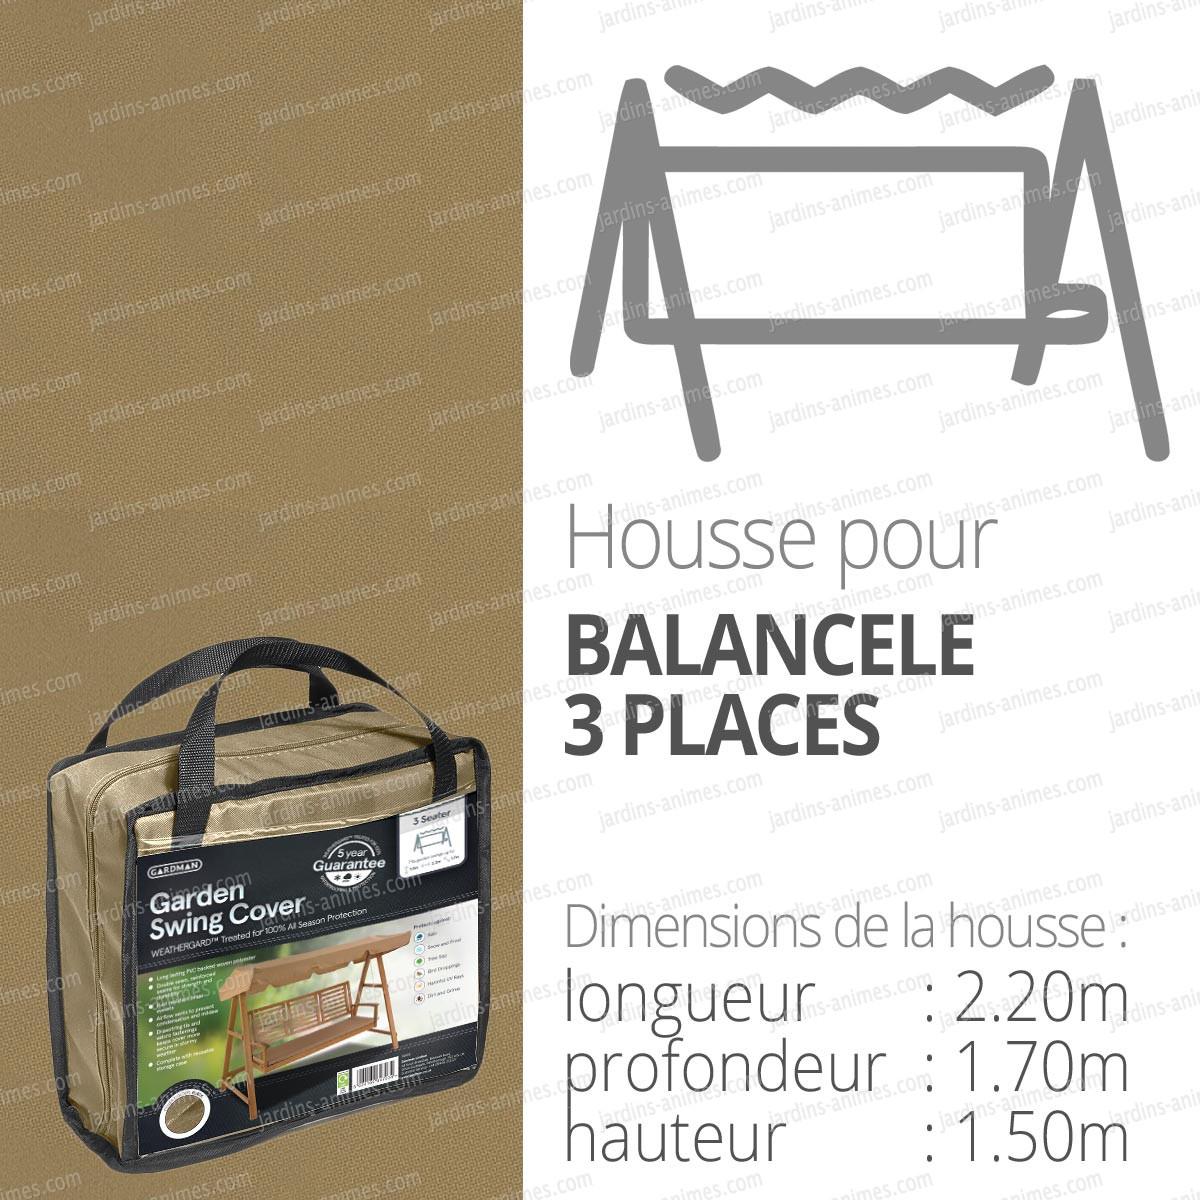 Bache Pour Balancelle 3 Places | Bache De Protection Pour Des .